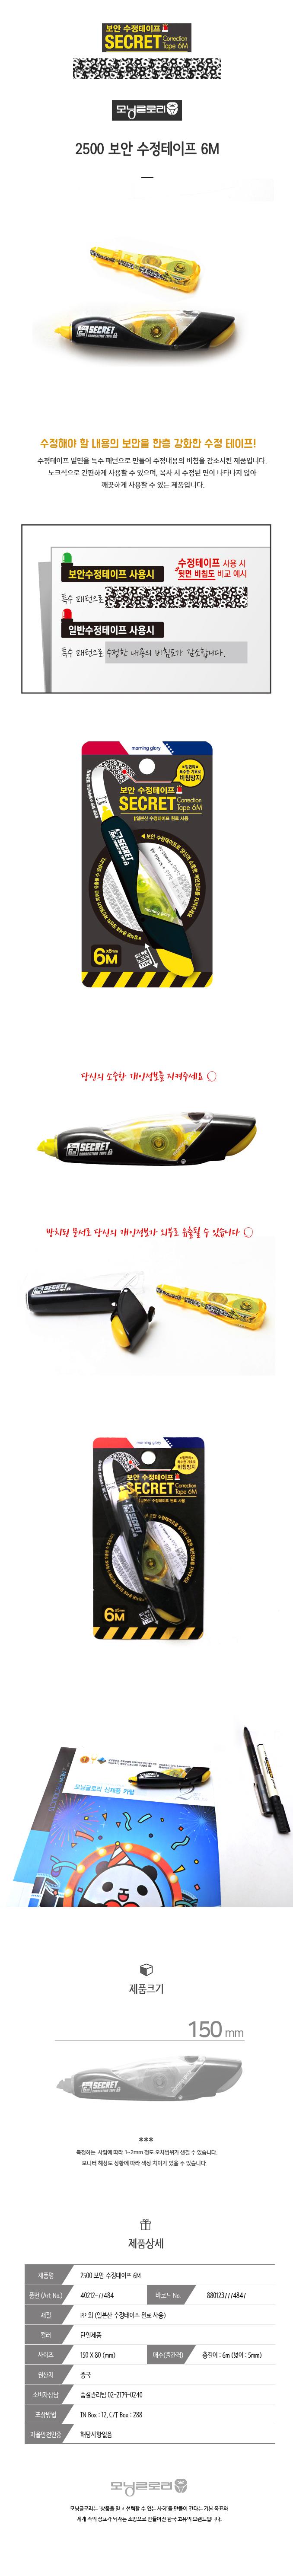 2500 보안 수정테이프 6M - 모닝글로리, 2,000원, 필기소품, 수정액/테이프